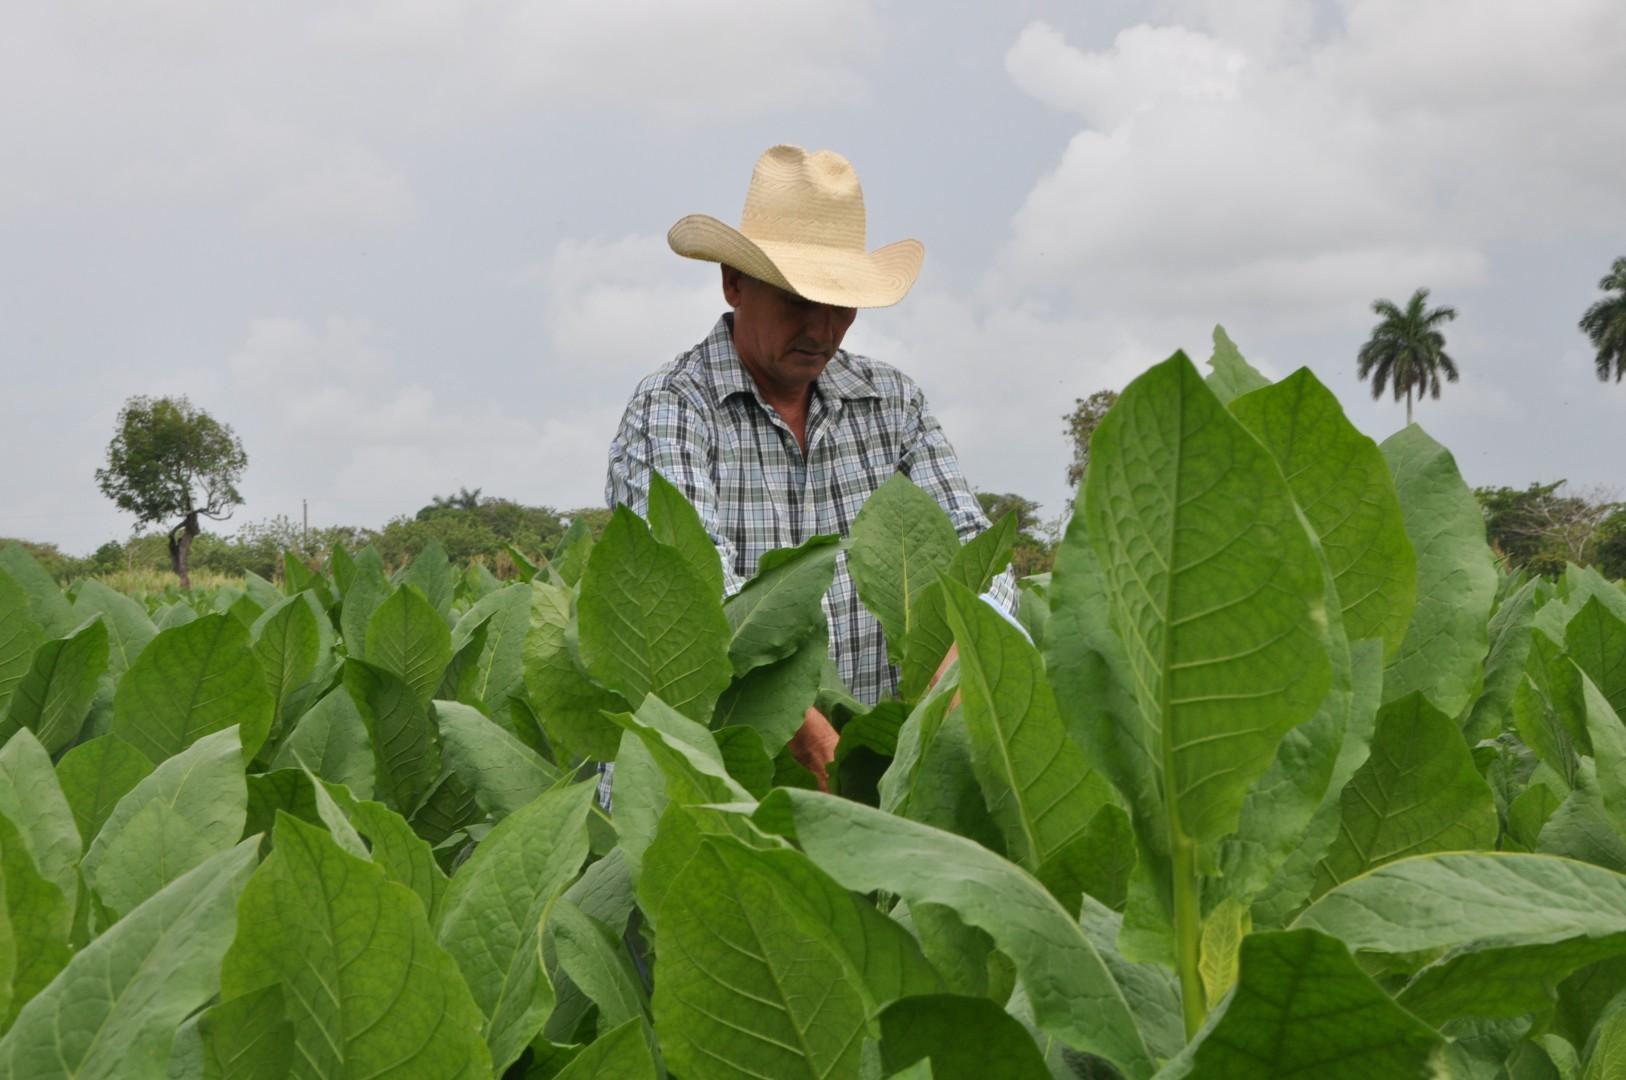 El tabaco es de los cultivos que más aseguran los productores. (Foto: Vicente Brito/ Escambray)